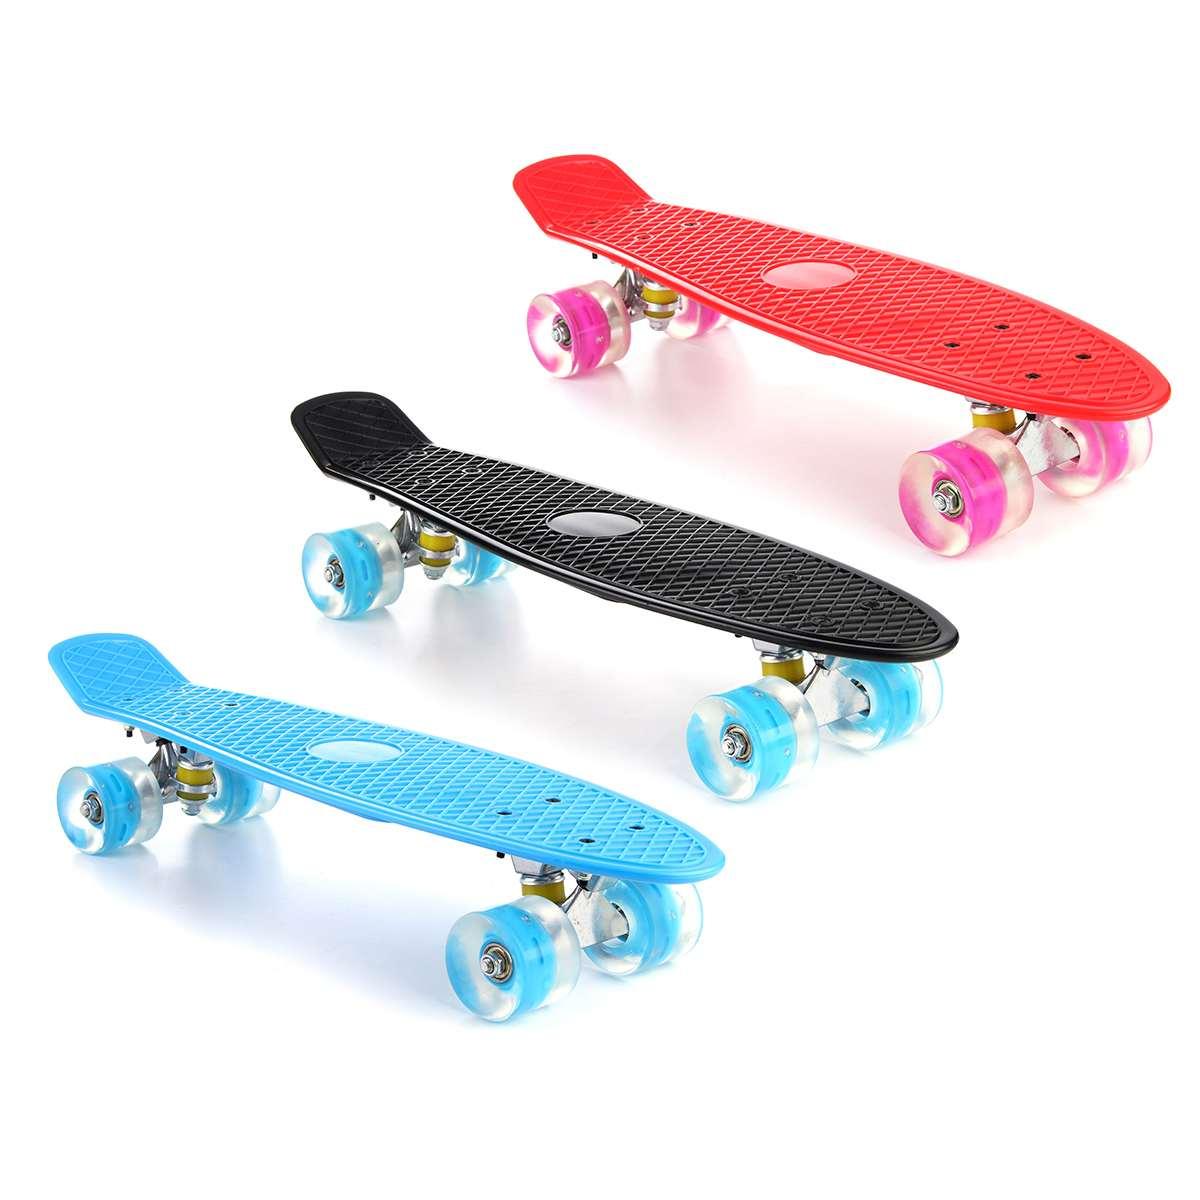 22 дюймовые четырехколесные уличные длинные скейтборды мини крейсер скейтборд Лонгборд С 3 цветами для взрослых детей